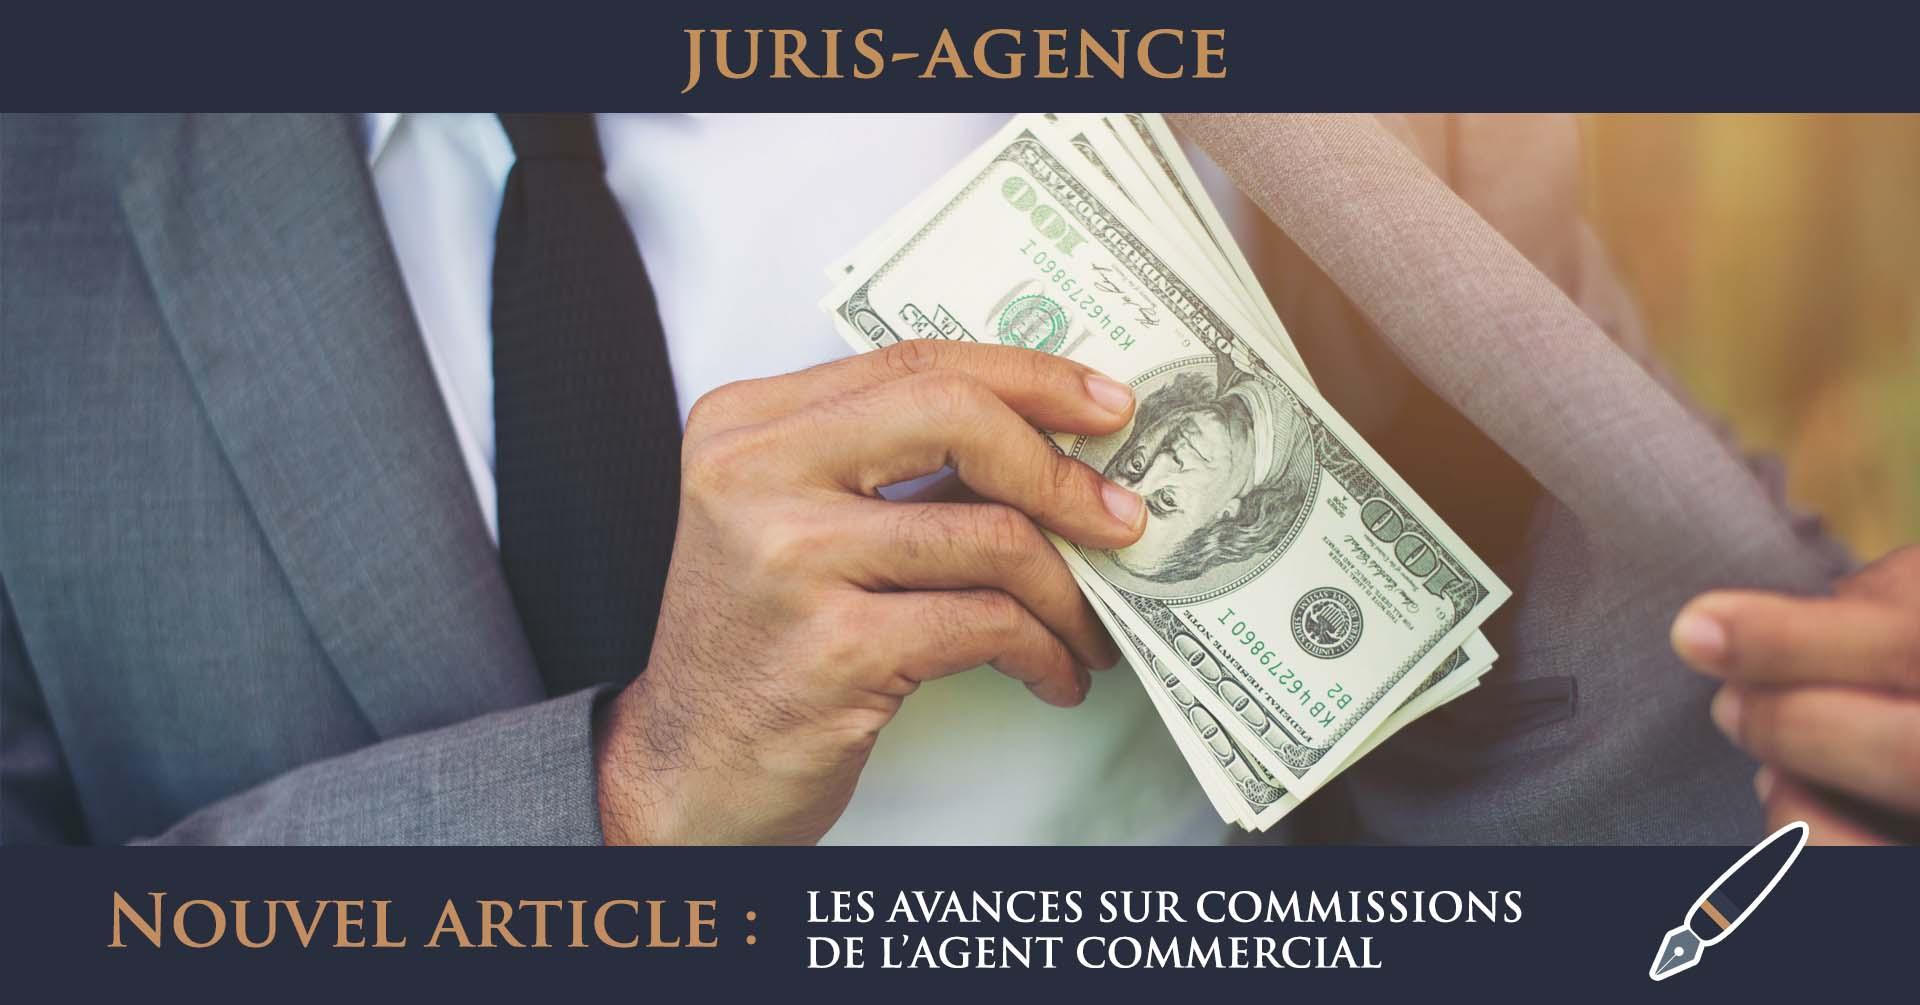 LES AVANCES SUR COMMISSIONS DE L'AGENT COMMERCIAL